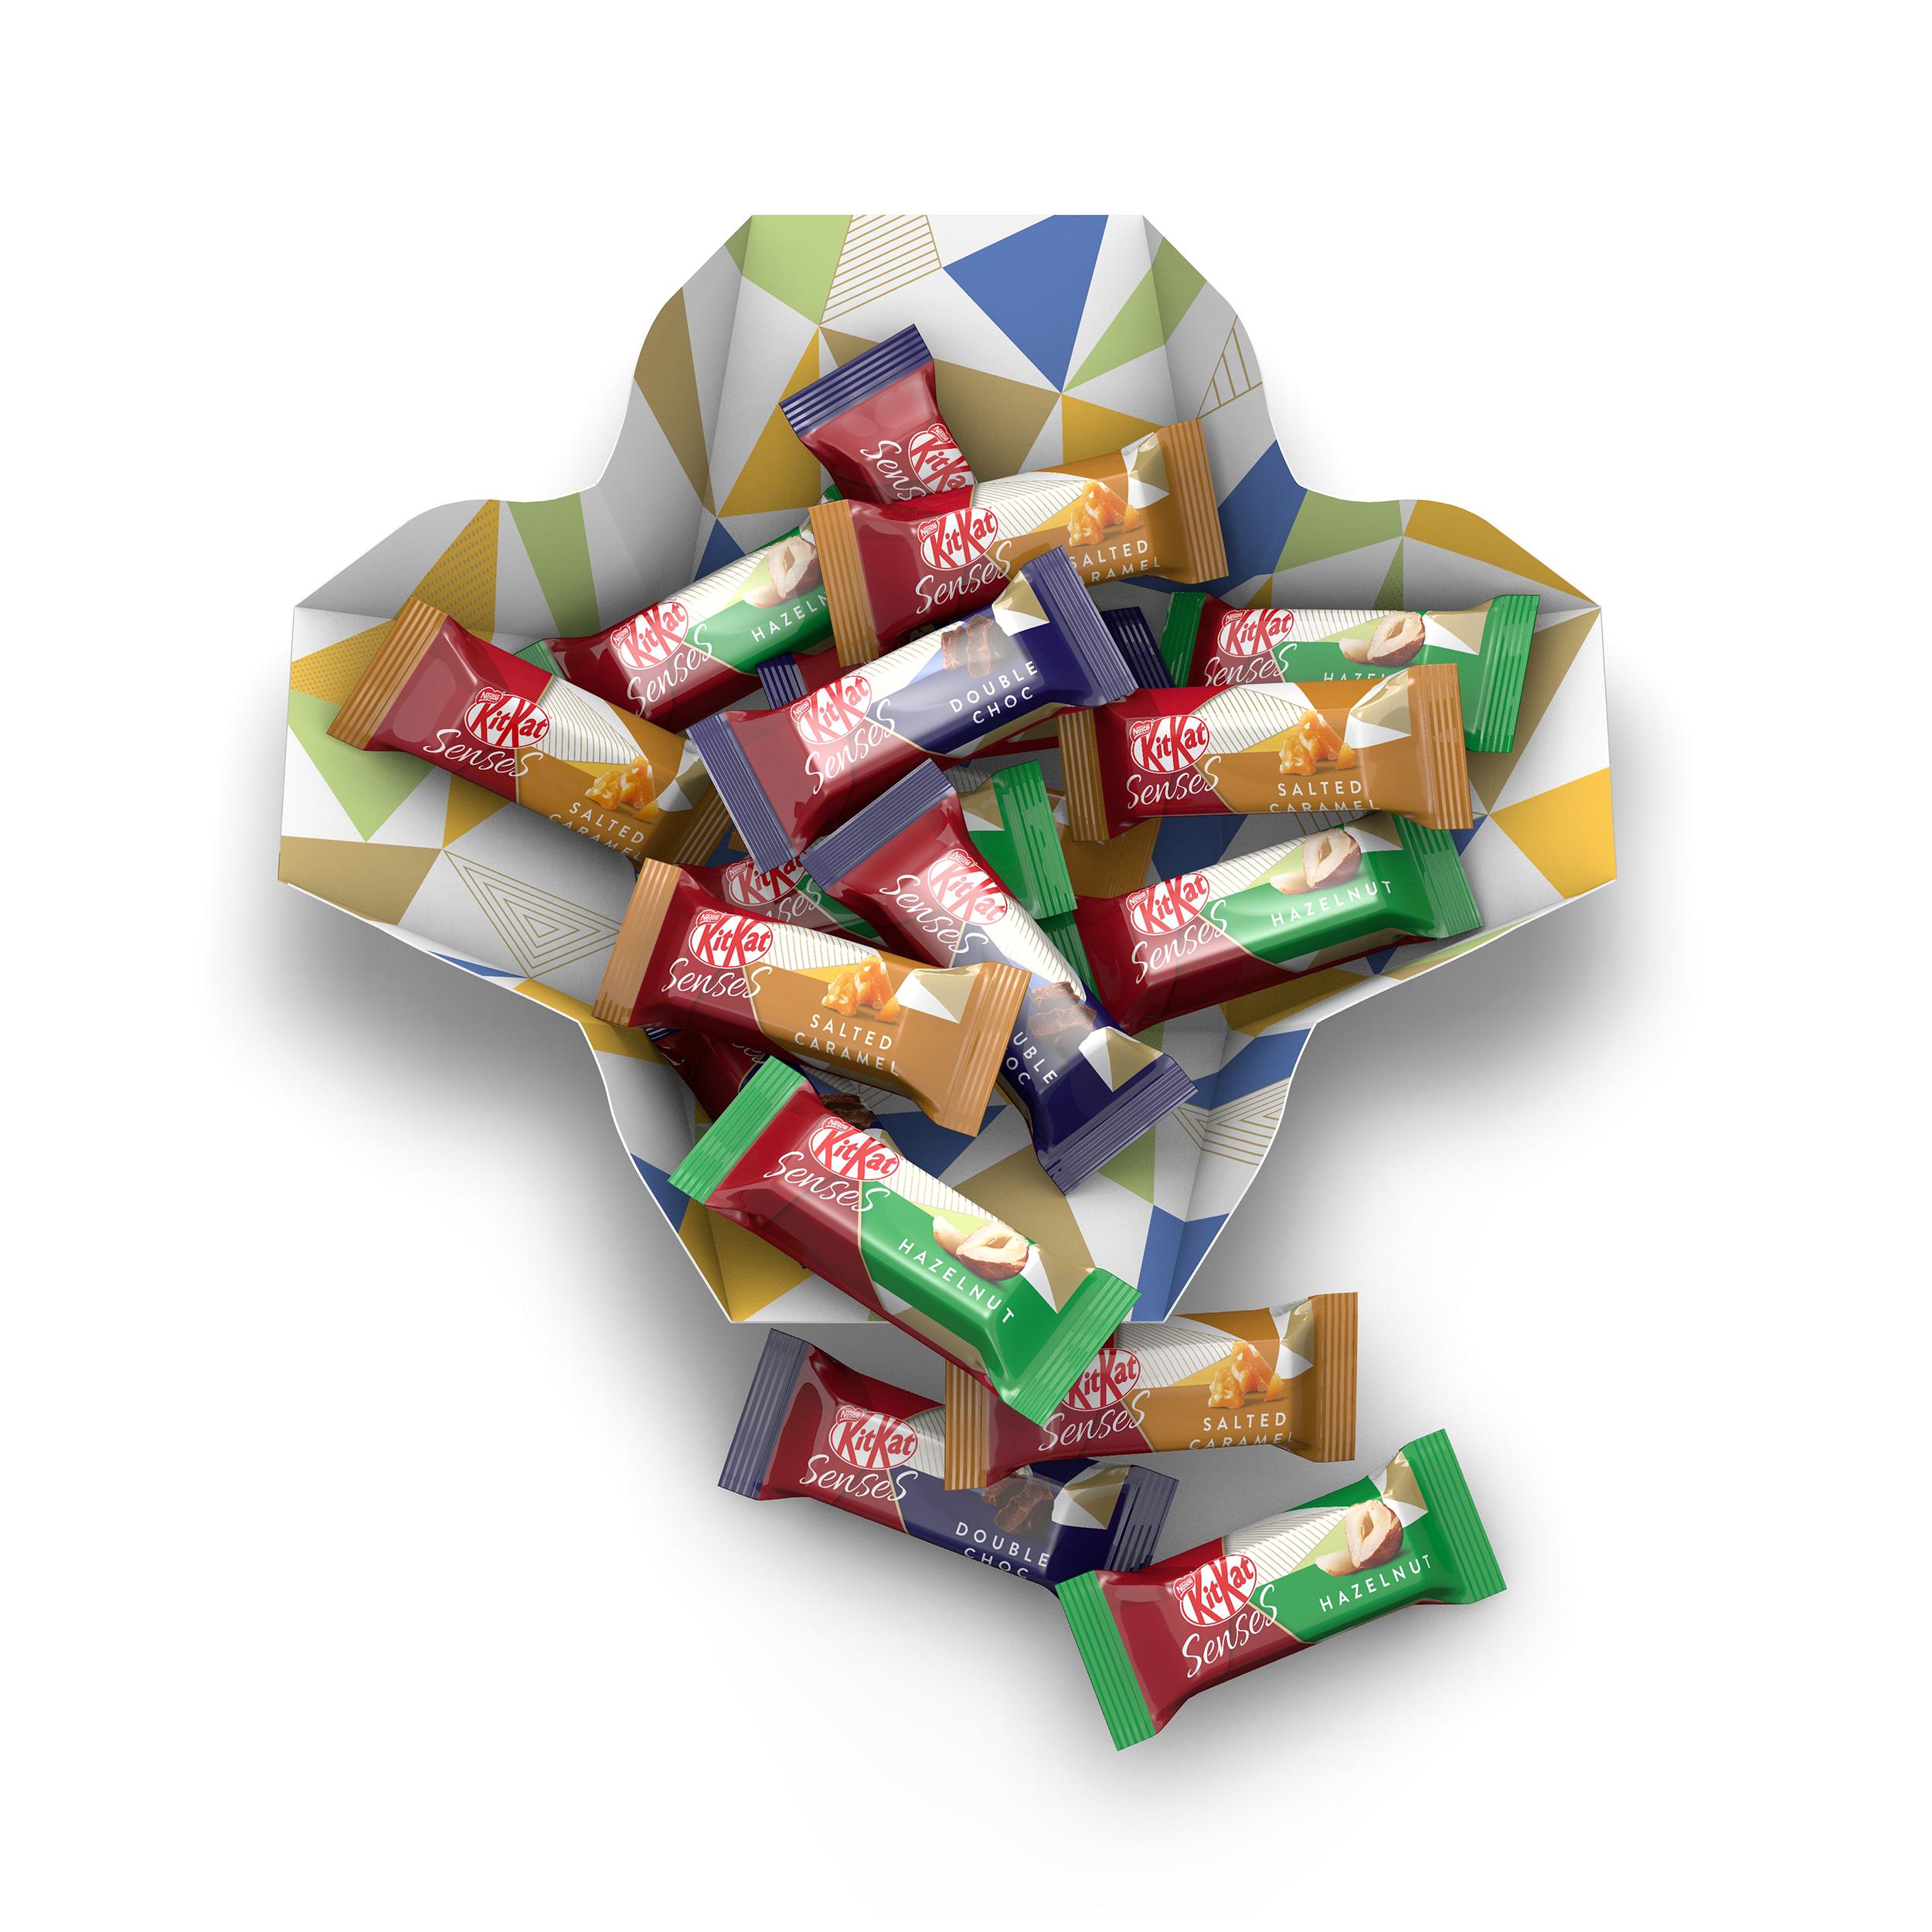 Nestle Kit Kat Senses Assorted Box 20 Bite Size Pieces 200g Ref 12351140